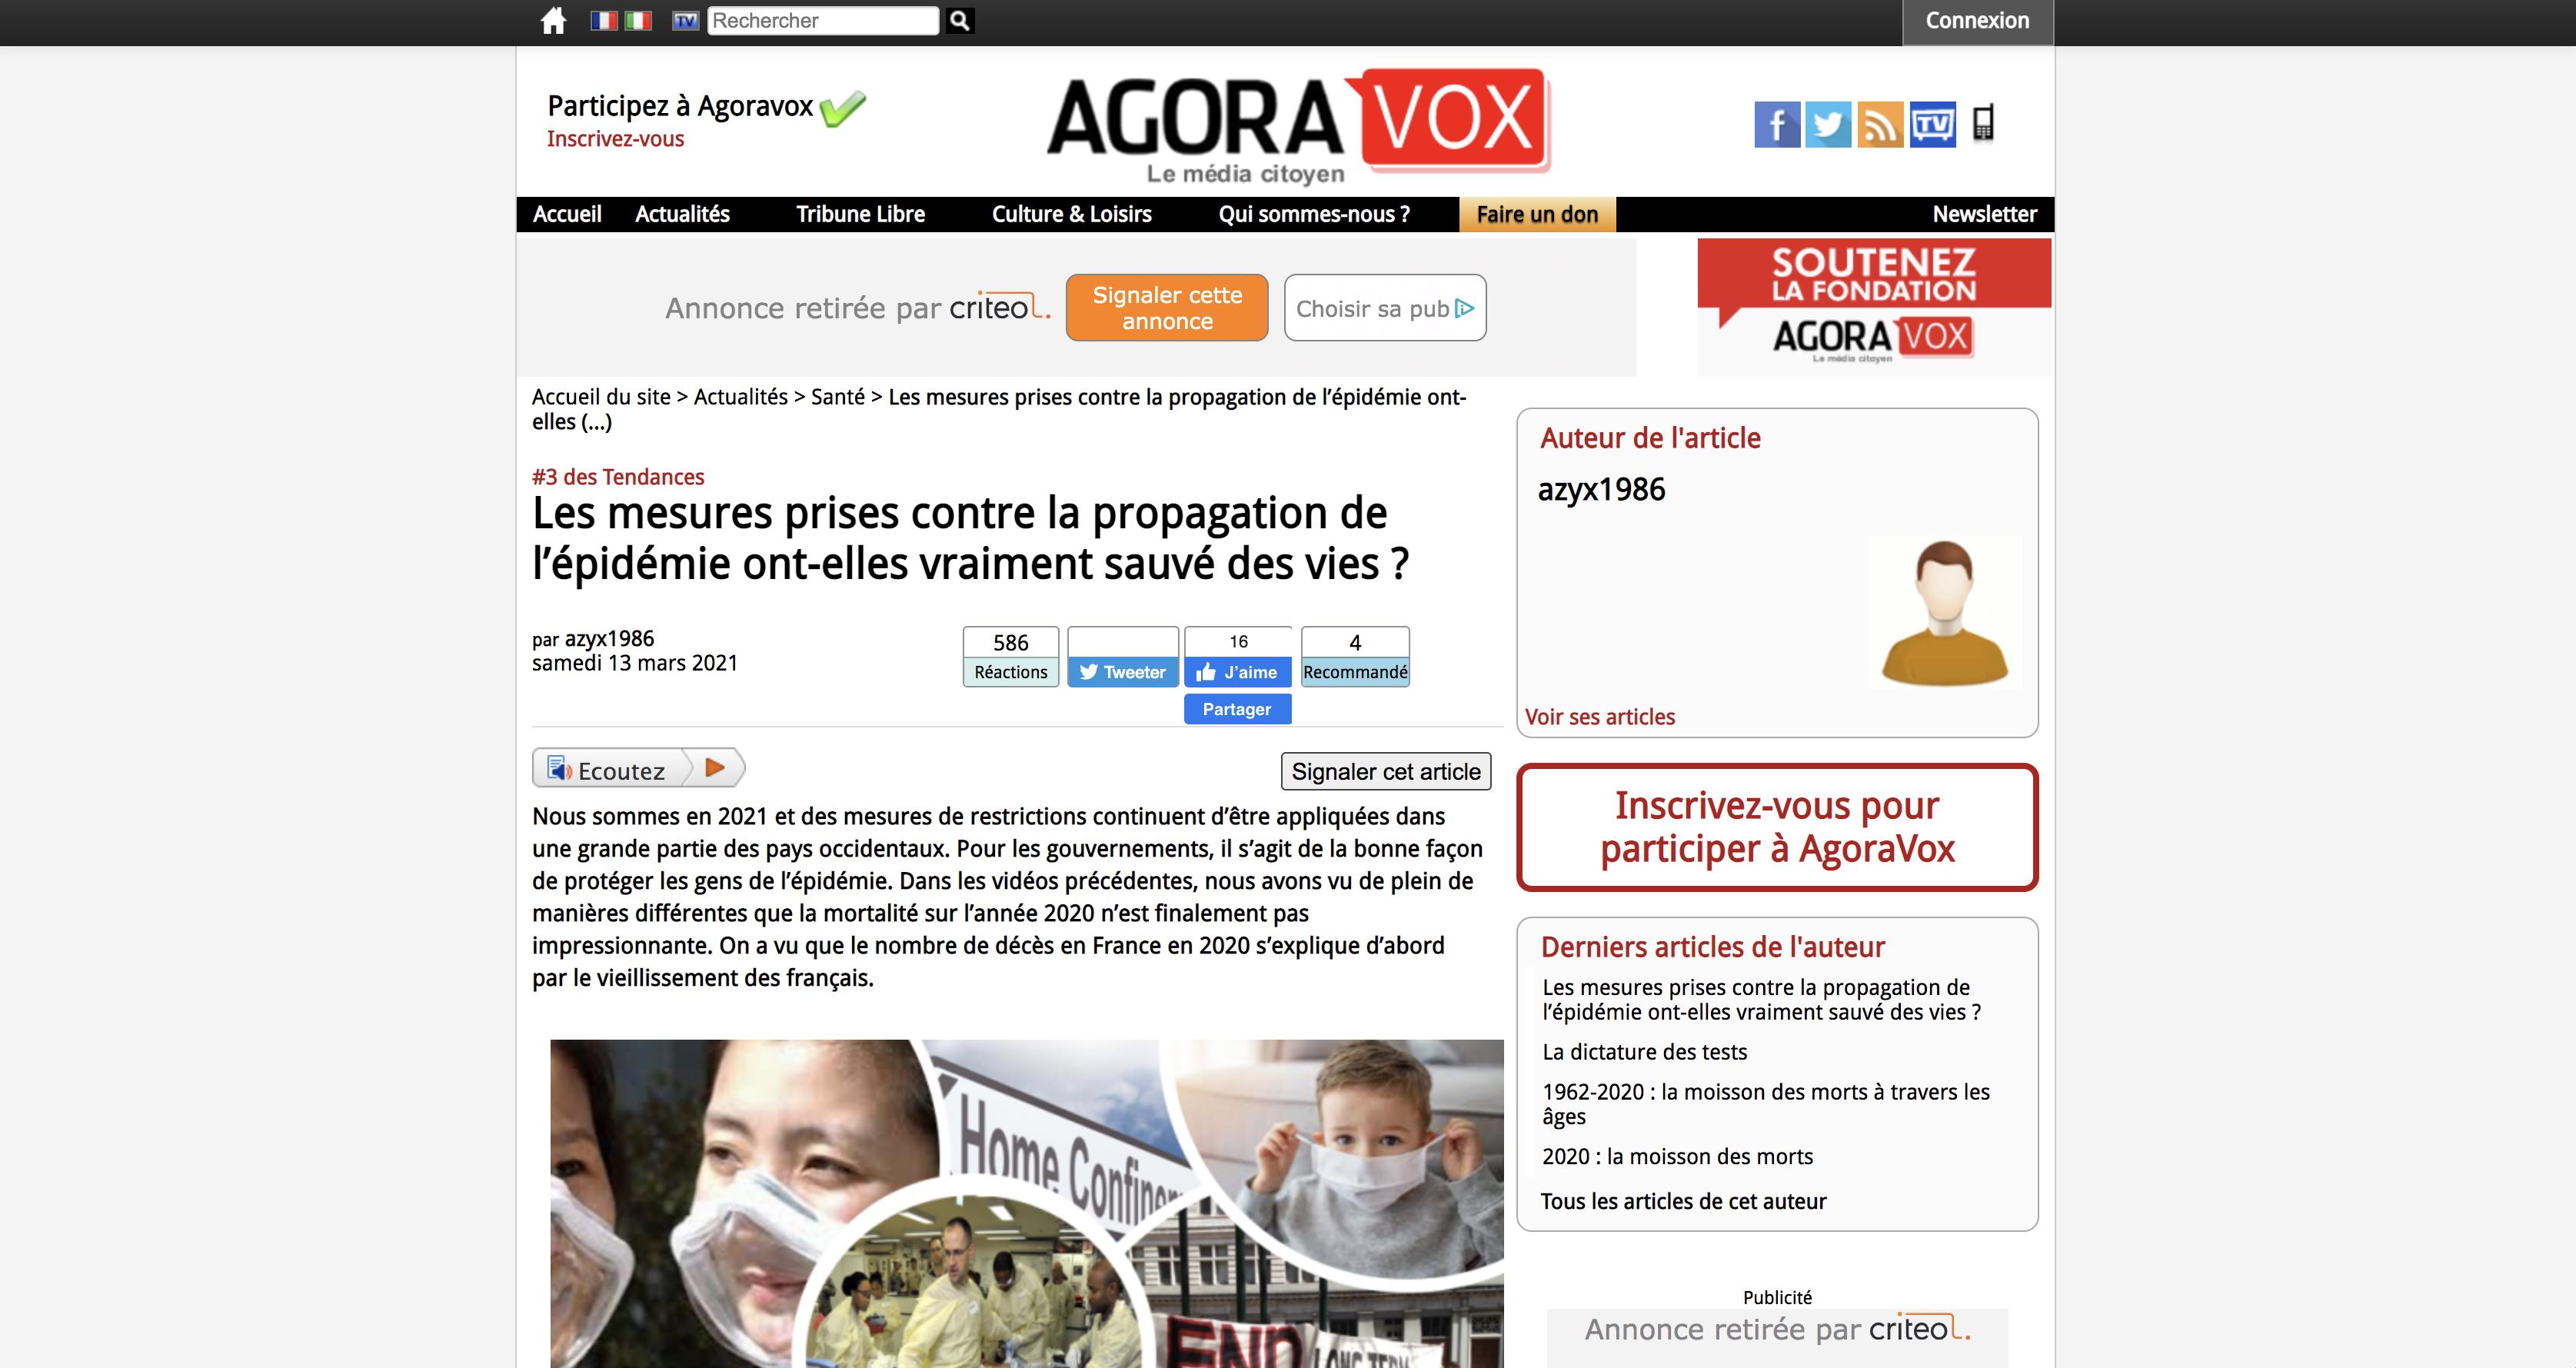 """Capture d'écran d'un article du site AgoraVox avec un article """"Les mesures prises contre la propagation de l'épidémie ont-elles vraiment sauvé des vies ?"""""""